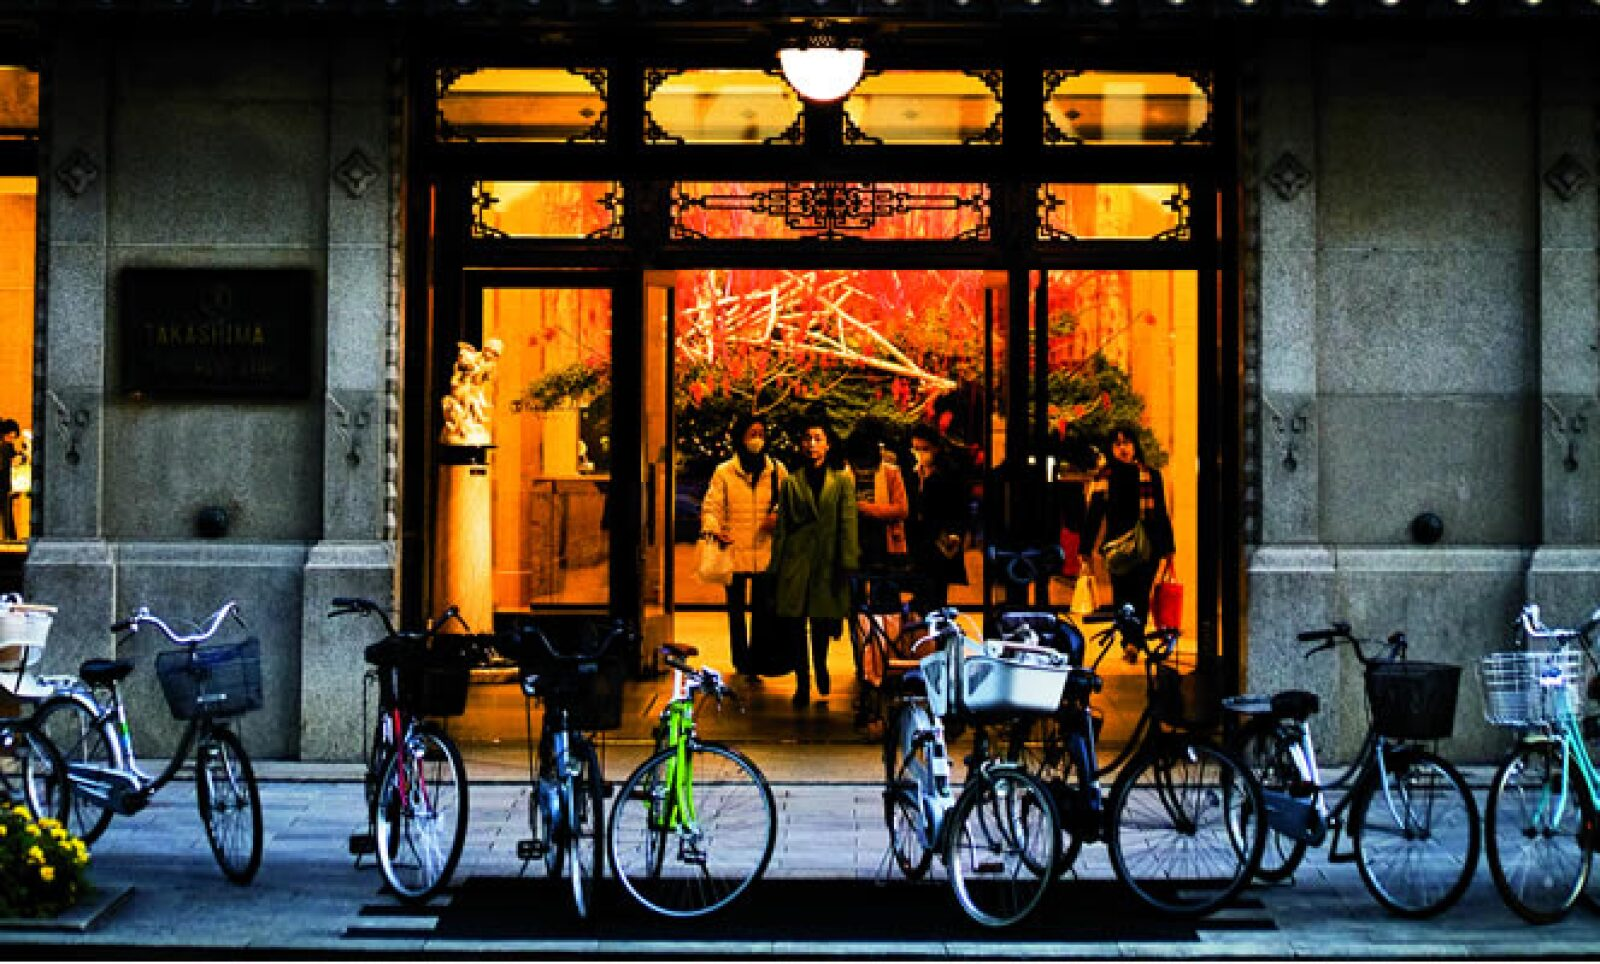 Las pobladores de Japón son de los mayores consumidores de moda en el mundo. En la Imagen, tienda Takashimaya en el distrito de Nihonbashi, Tokio.